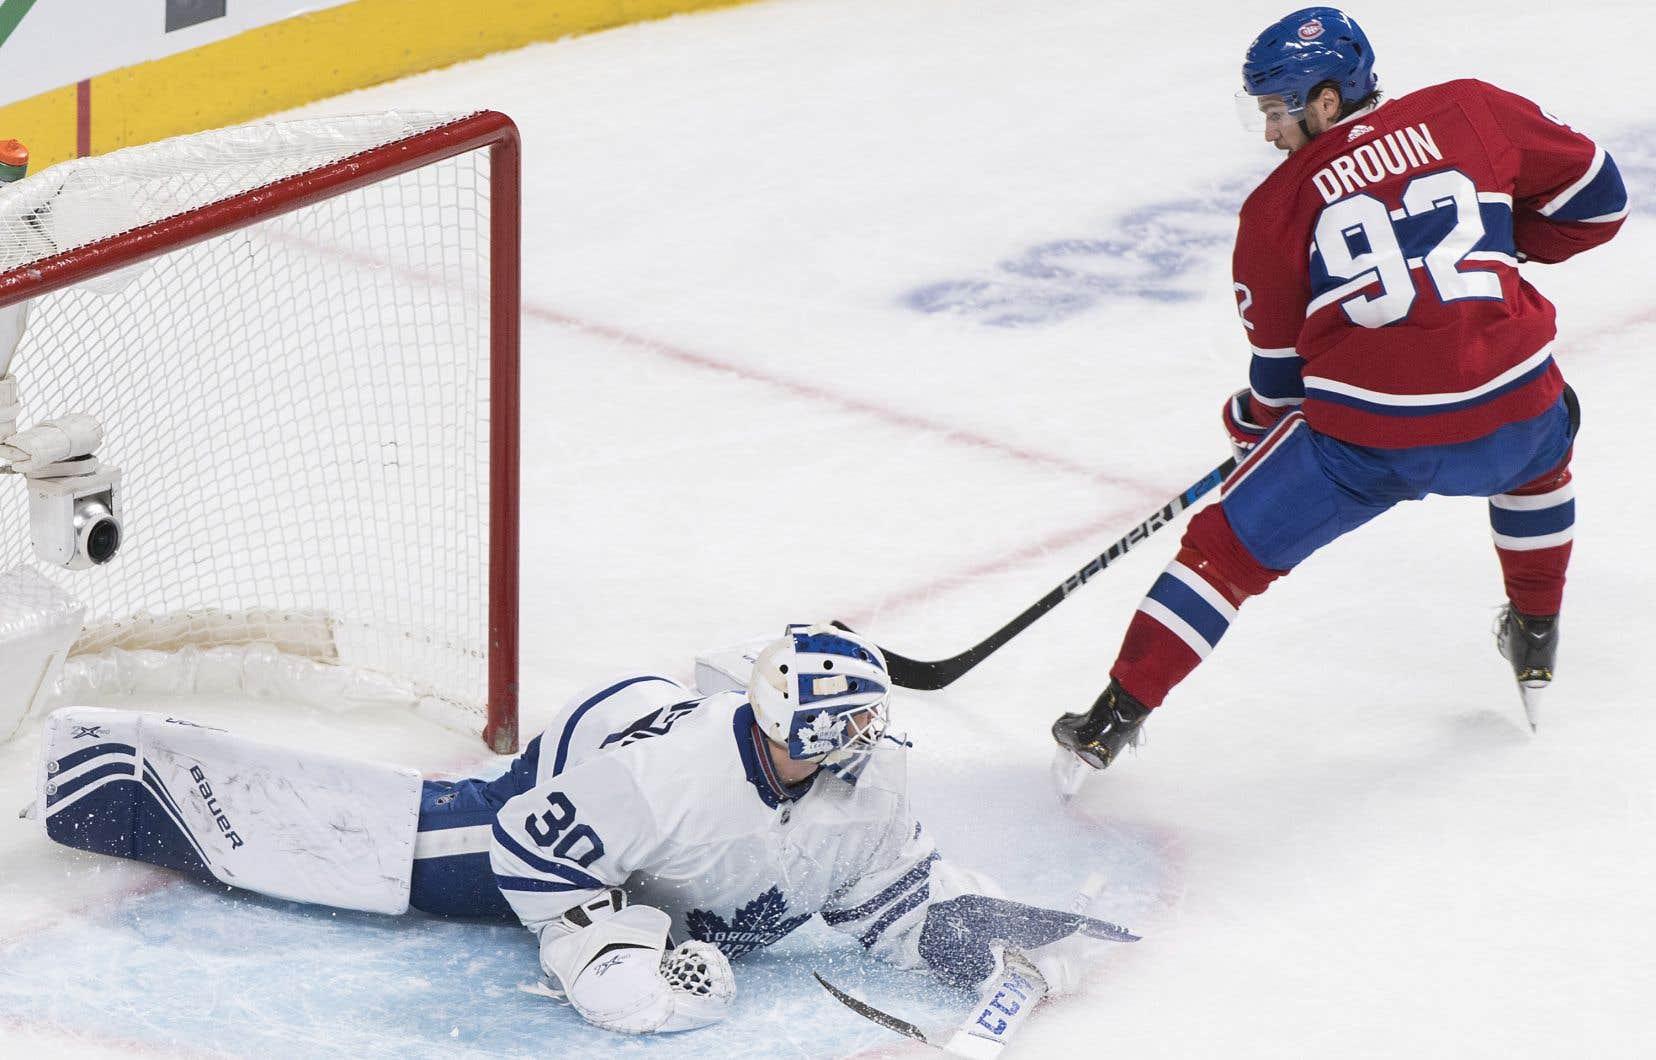 Grâce à sa soirée de deux buts, samedi, Jonathan Drouin a rejoint le groupe de tête chez les pointeurs du Canadien de Montréal cette saison.